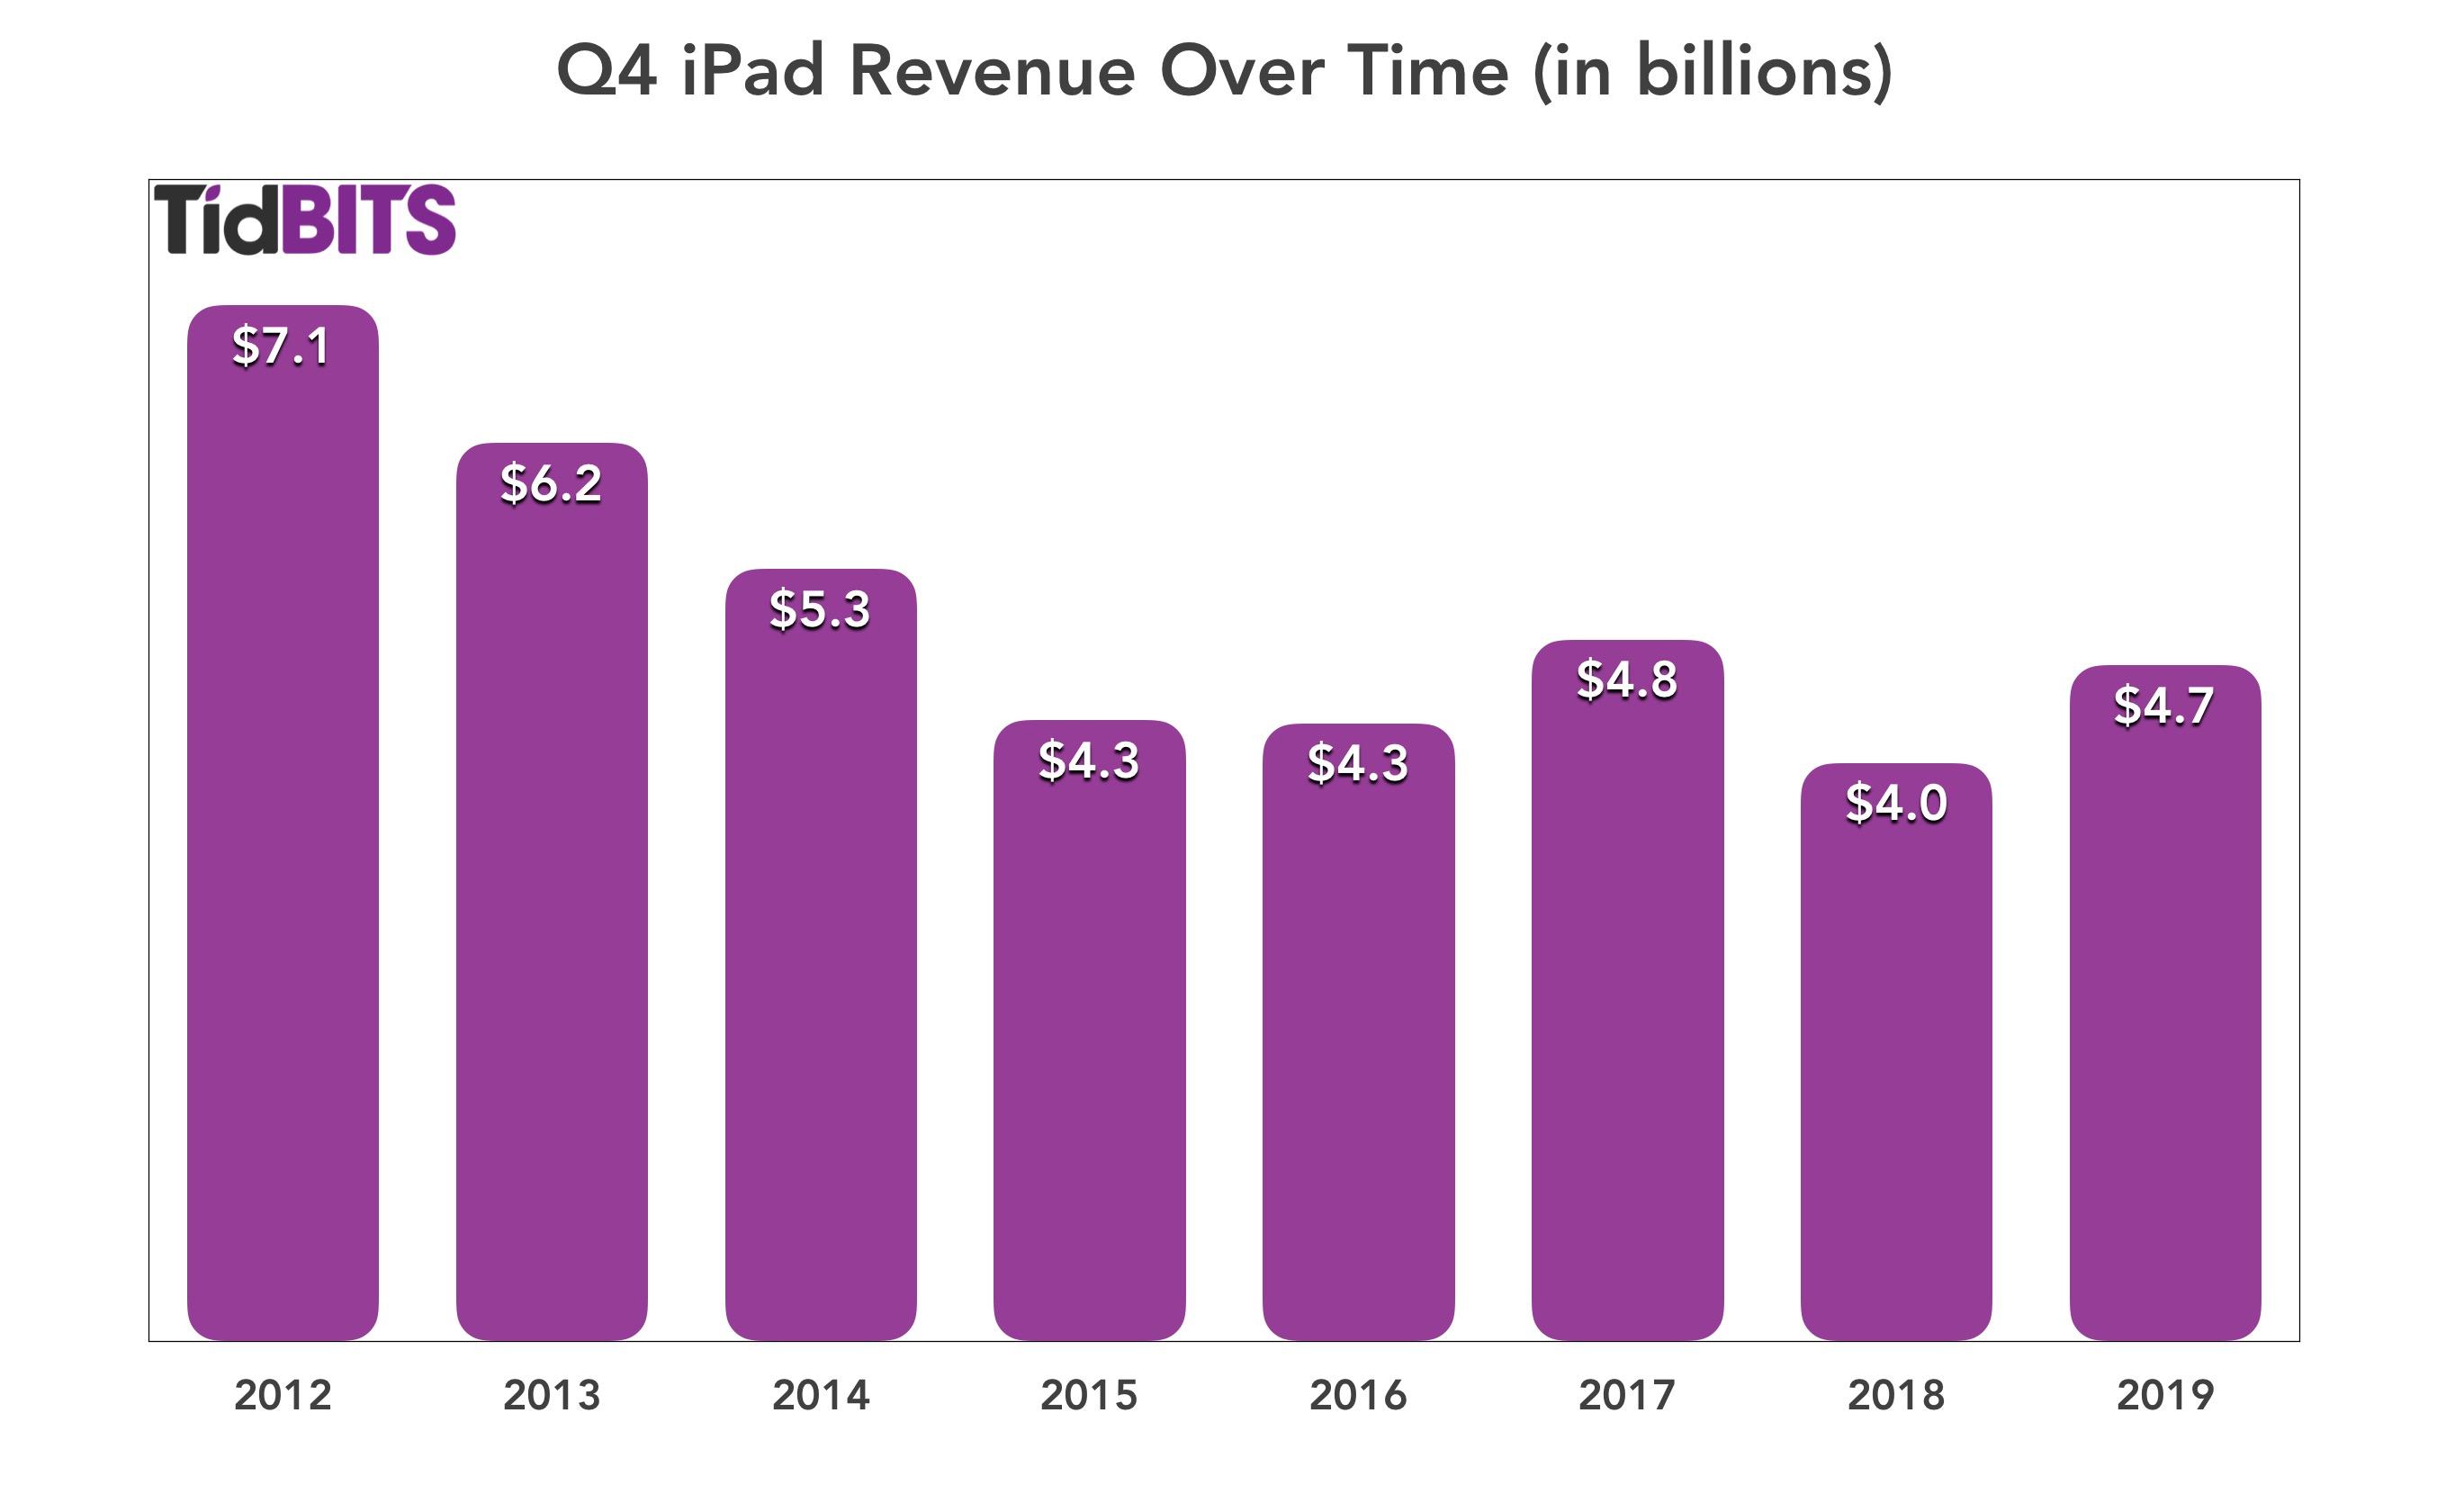 Q4 iPad revenue